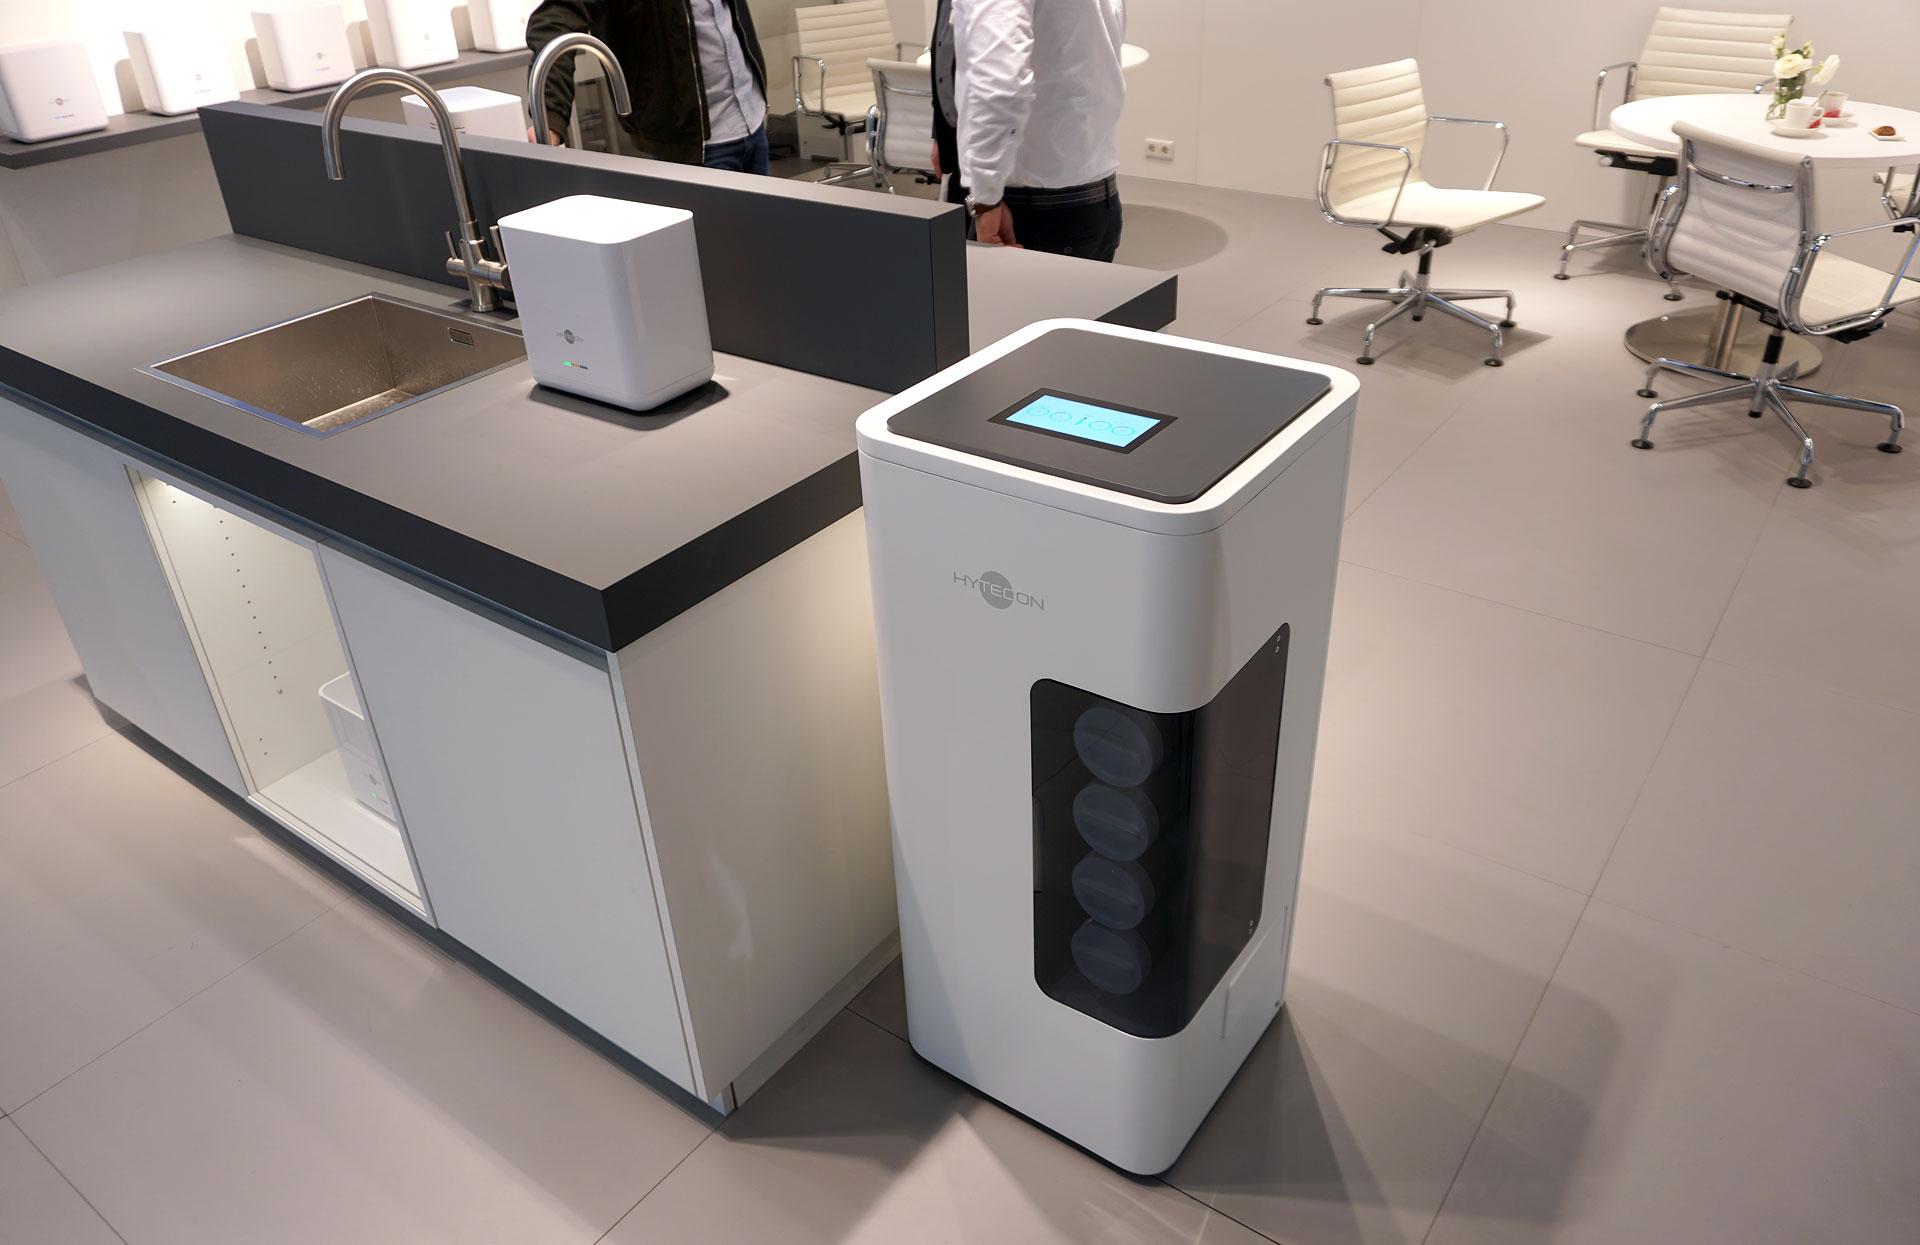 2 neuartige Wasserreinigungsgeräte auf der ISH 2019